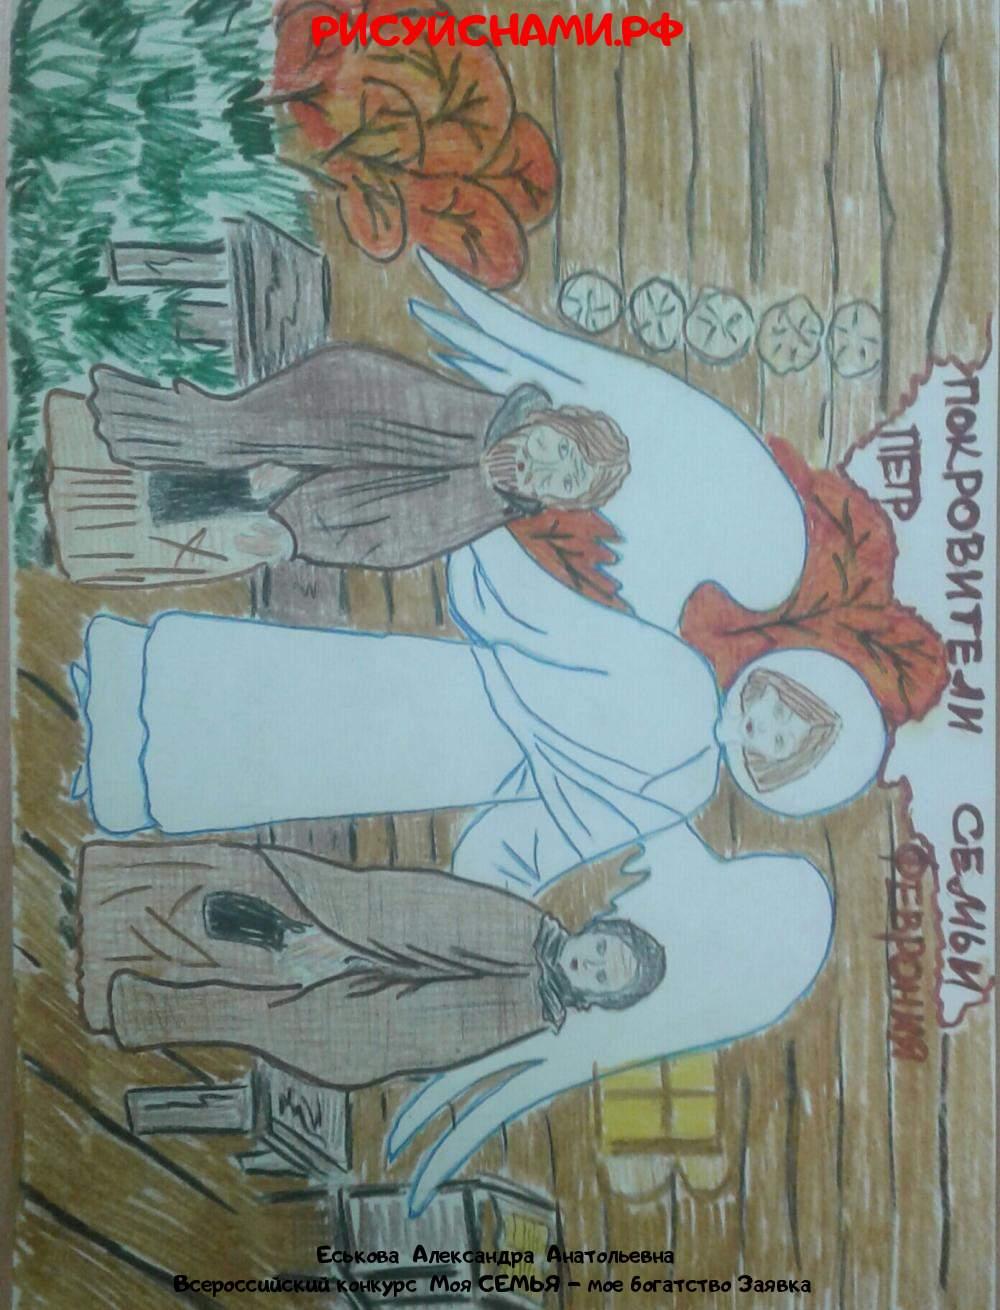 Всероссийский конкурс  Моя СЕМЬЯ - мое богатство Заявка 10775  творческие конкурсы рисунков для школьников и дошкольников рисуй с нами #тмрисуйснами рисунок и поделка - Еськова  Александра  Анатольевна